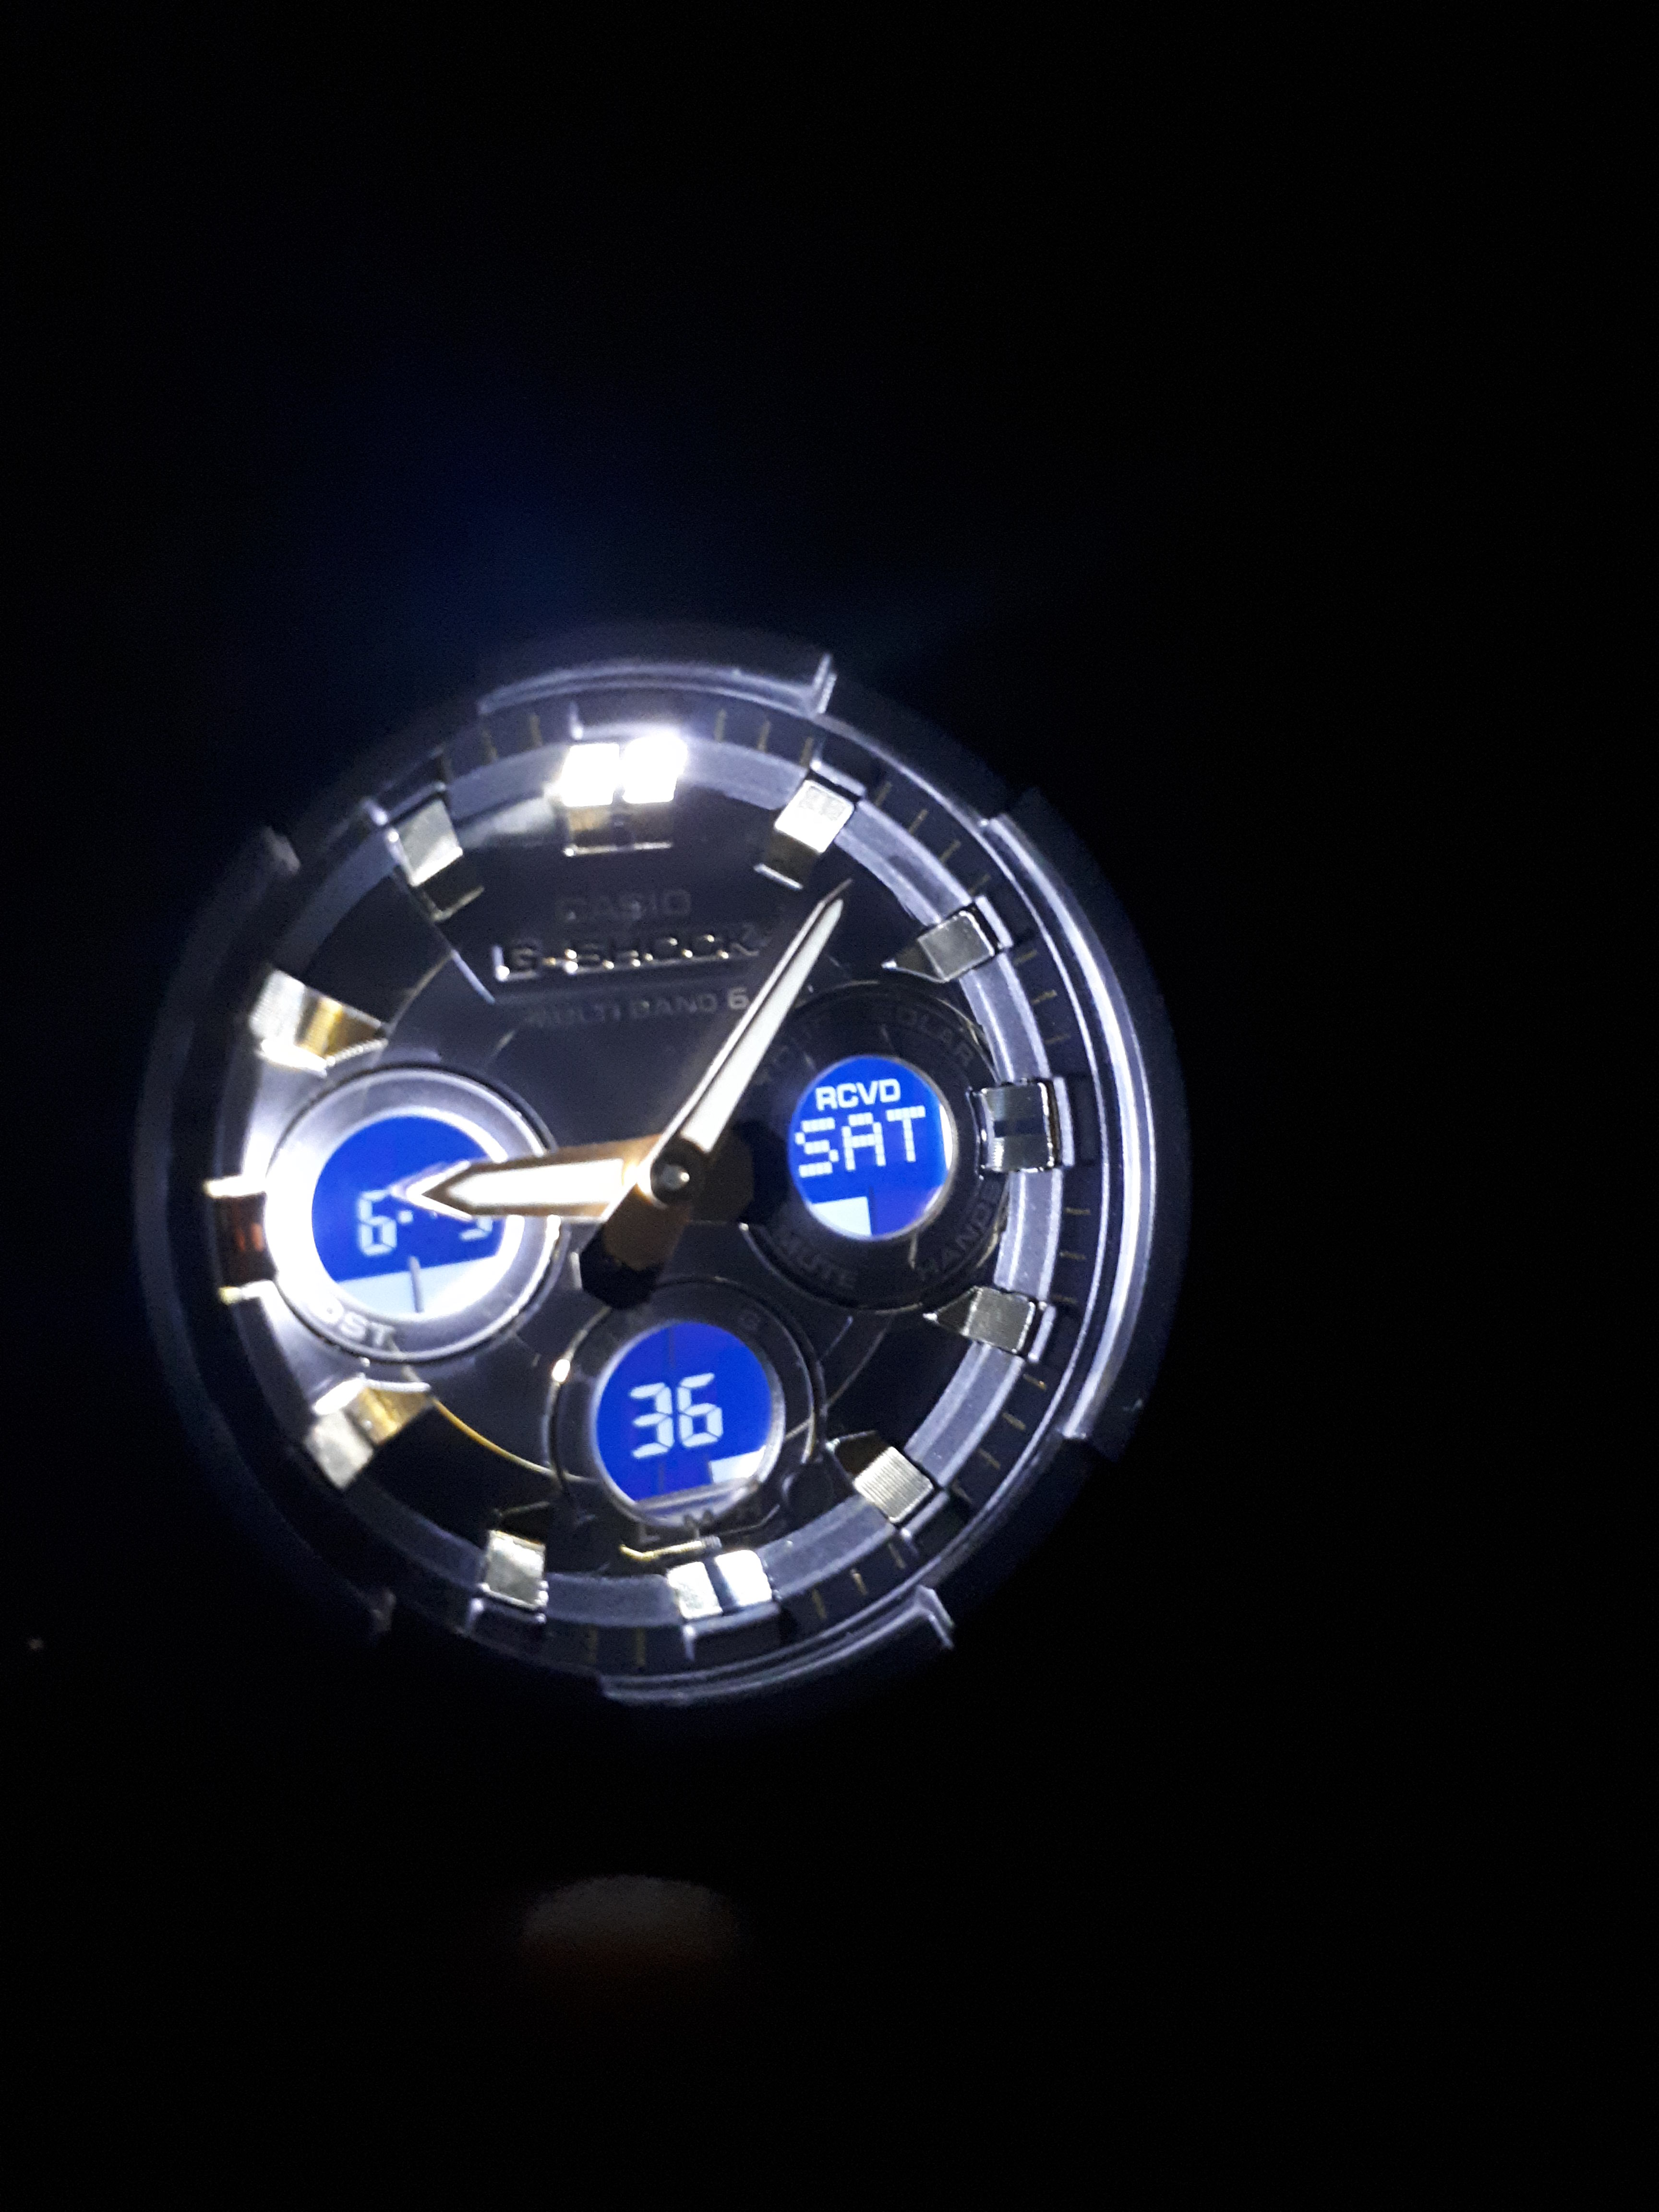 Casio by night 20180620